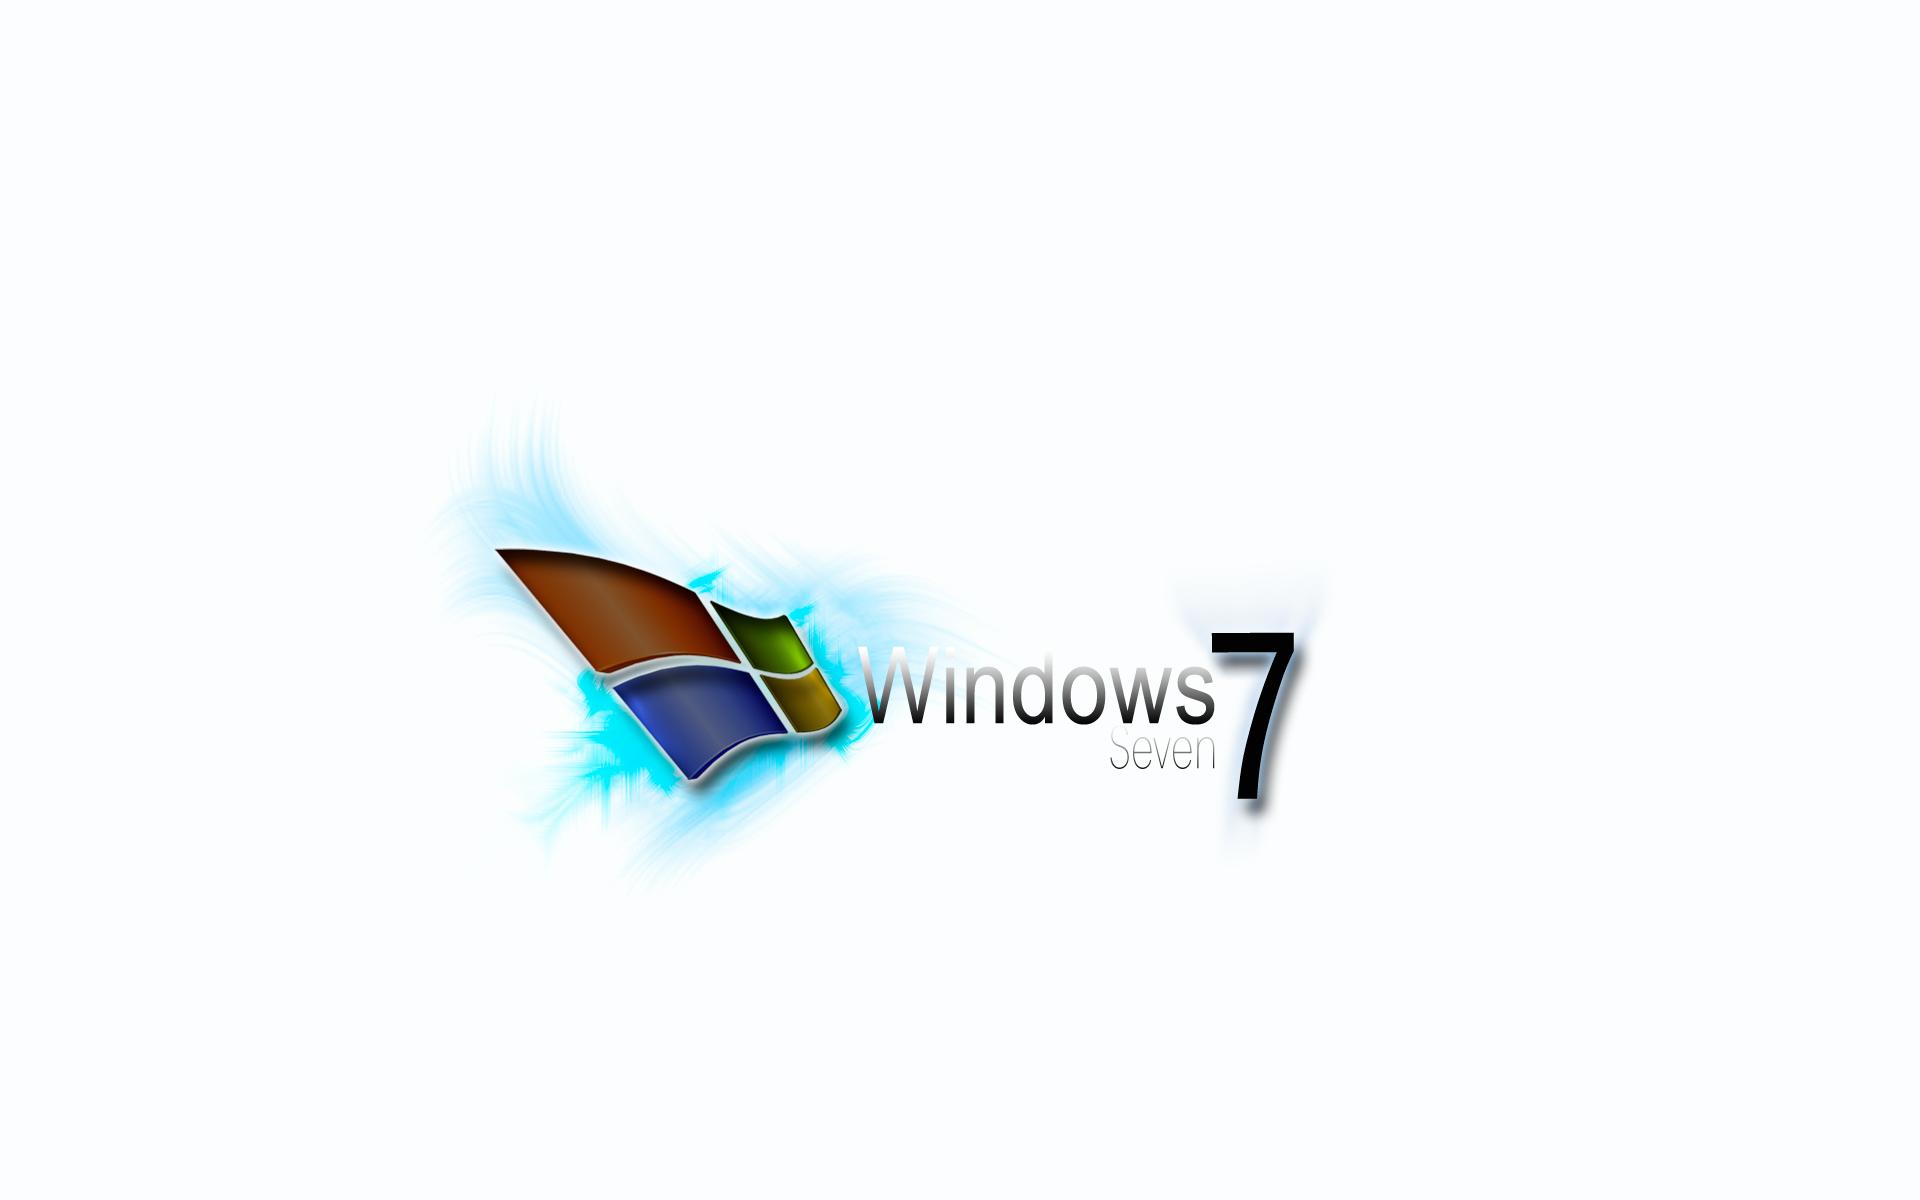 Windows 7 Seven Wallpaper Fondos De Escritorio Wallpapers: Fondos De Escritorio Wallpapers